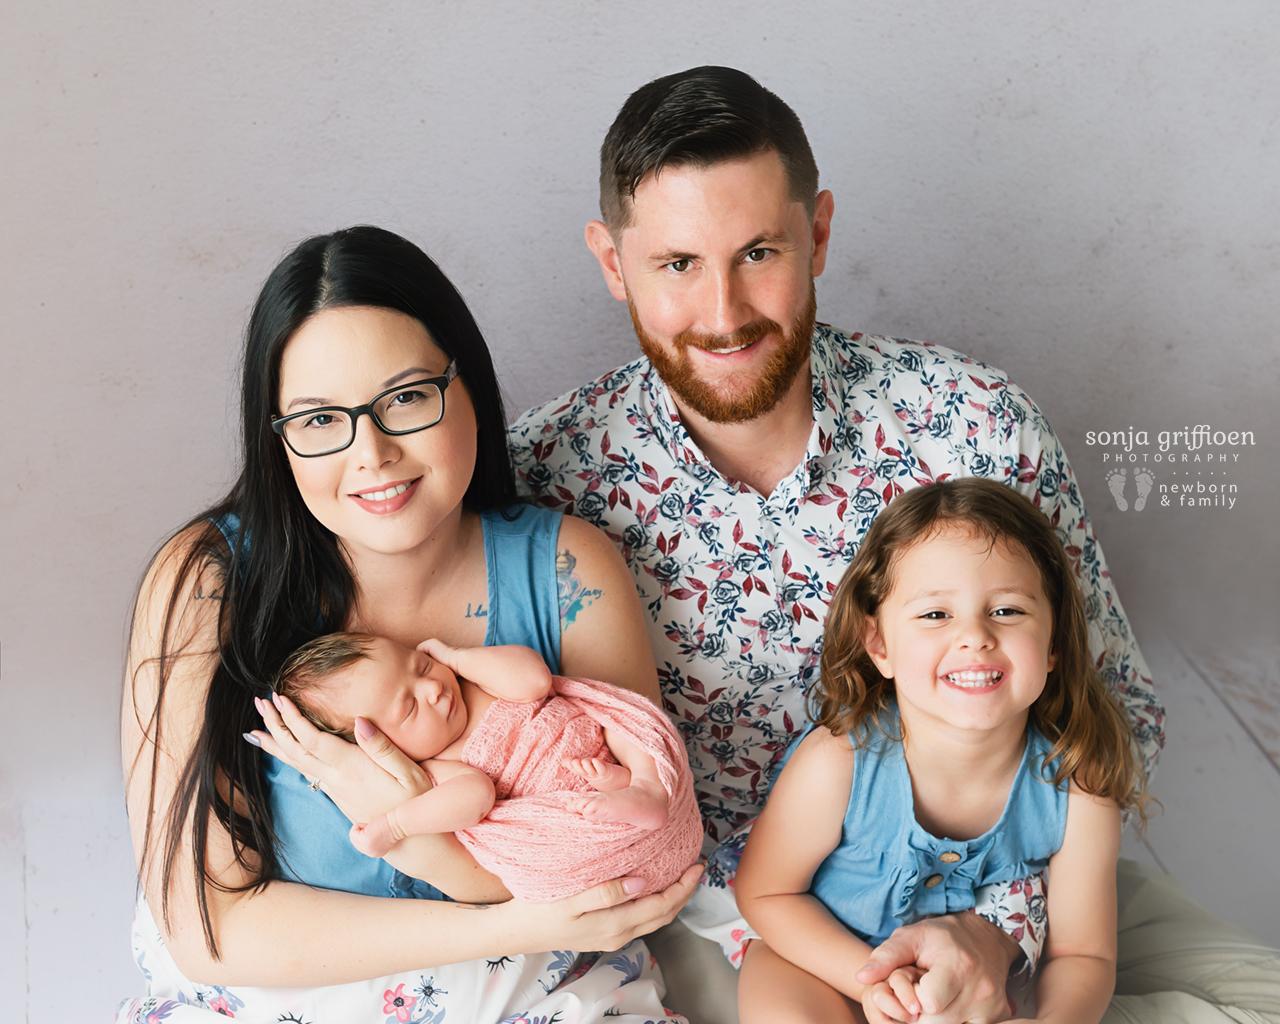 Delilah-Newborn-Brisbane-Newborn-Photographer-Sonja-Griffioen-02.jpg